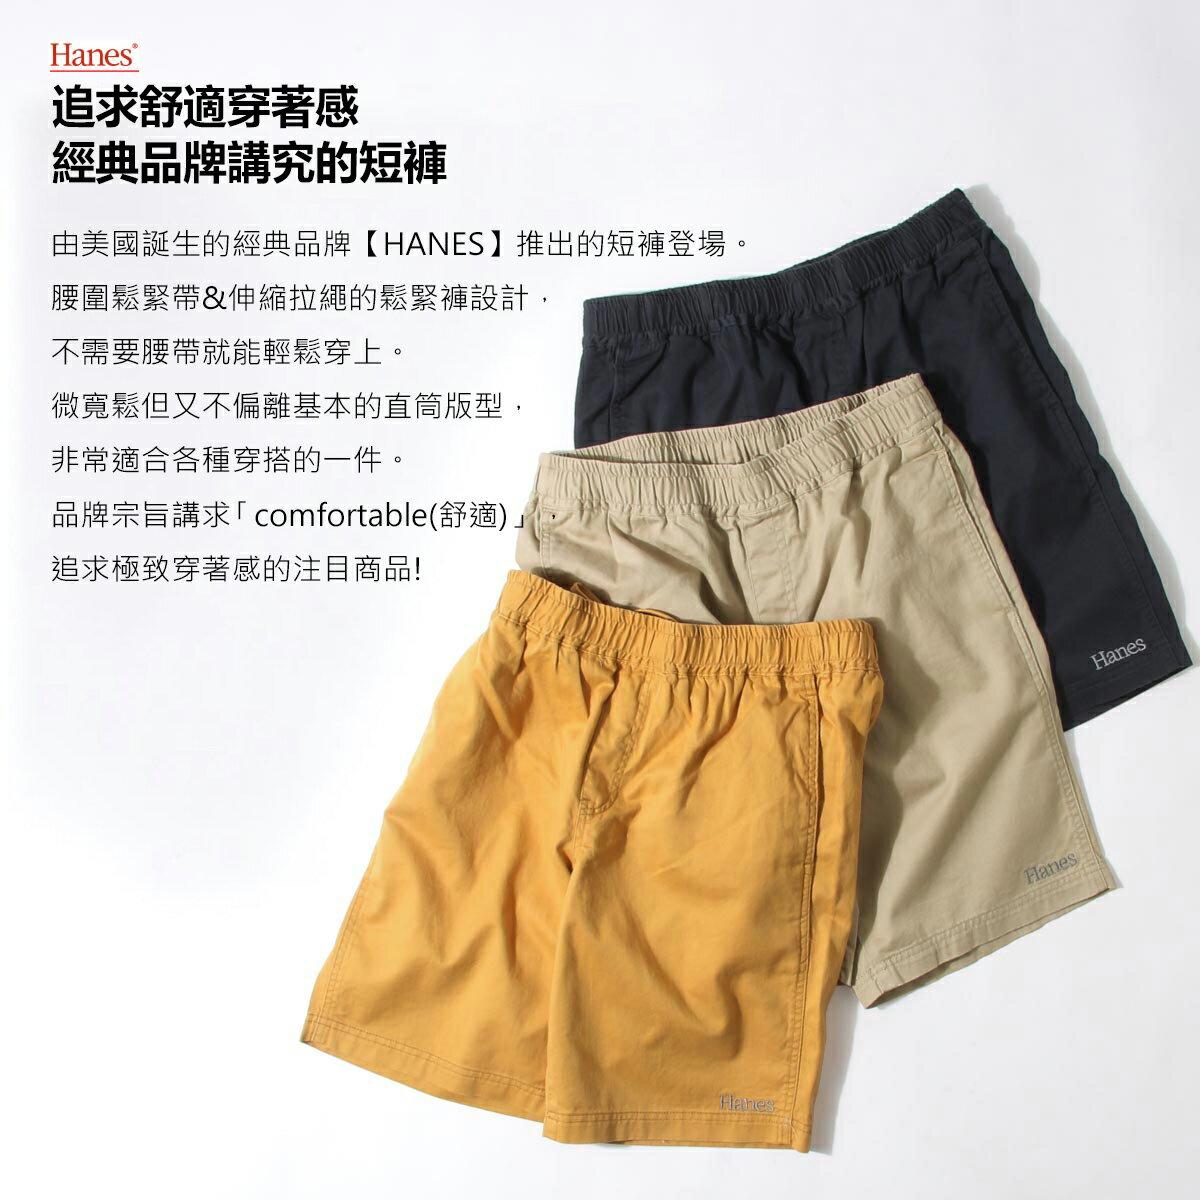 HANES直筒鬆緊短褲 對應大尺碼 7